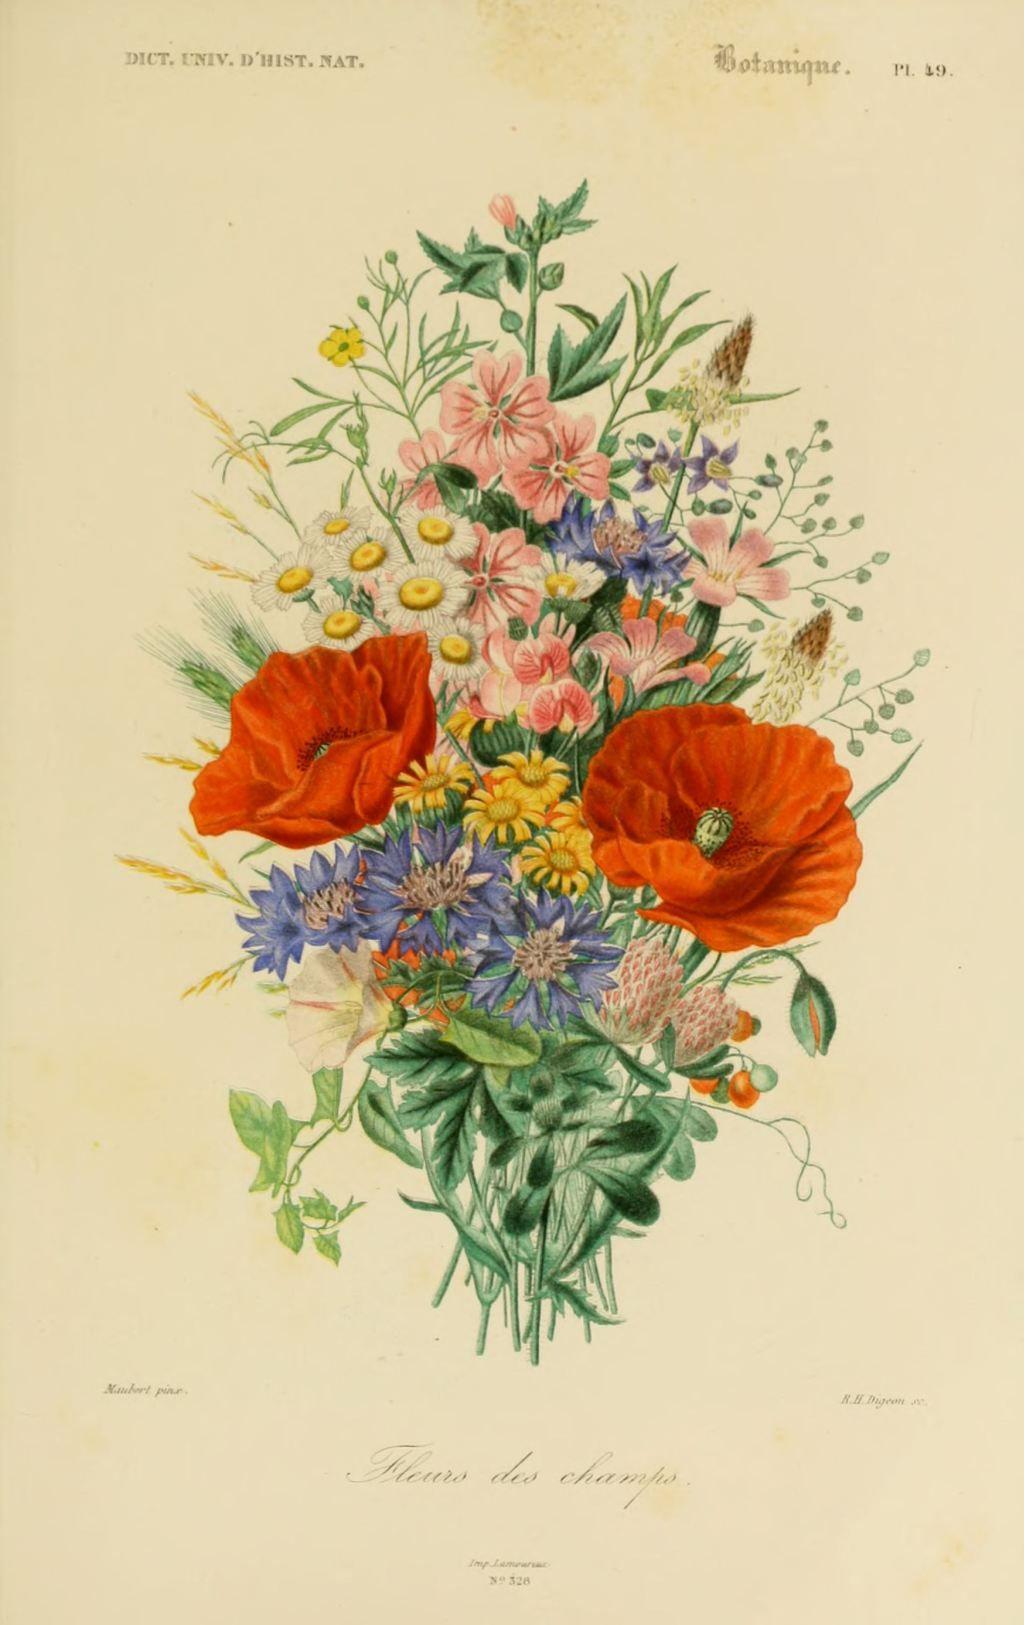 gravures couleur de fleurs , Gravure de fleur 0209 fleurs des champs ,  Gravures, illustrations, dessins, images